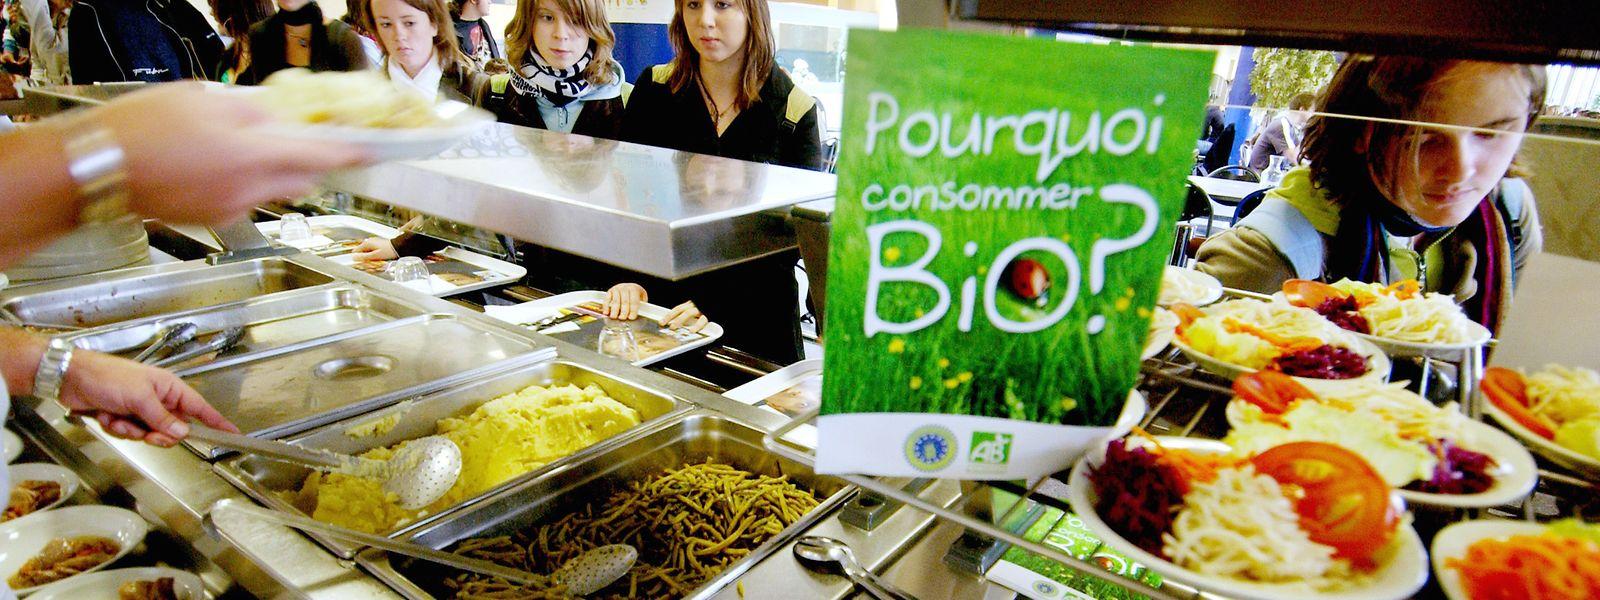 Les produits issus de l'agriculture bio luxembourgeoise sont assurés de trouver des débouchés dans la restauration collective.